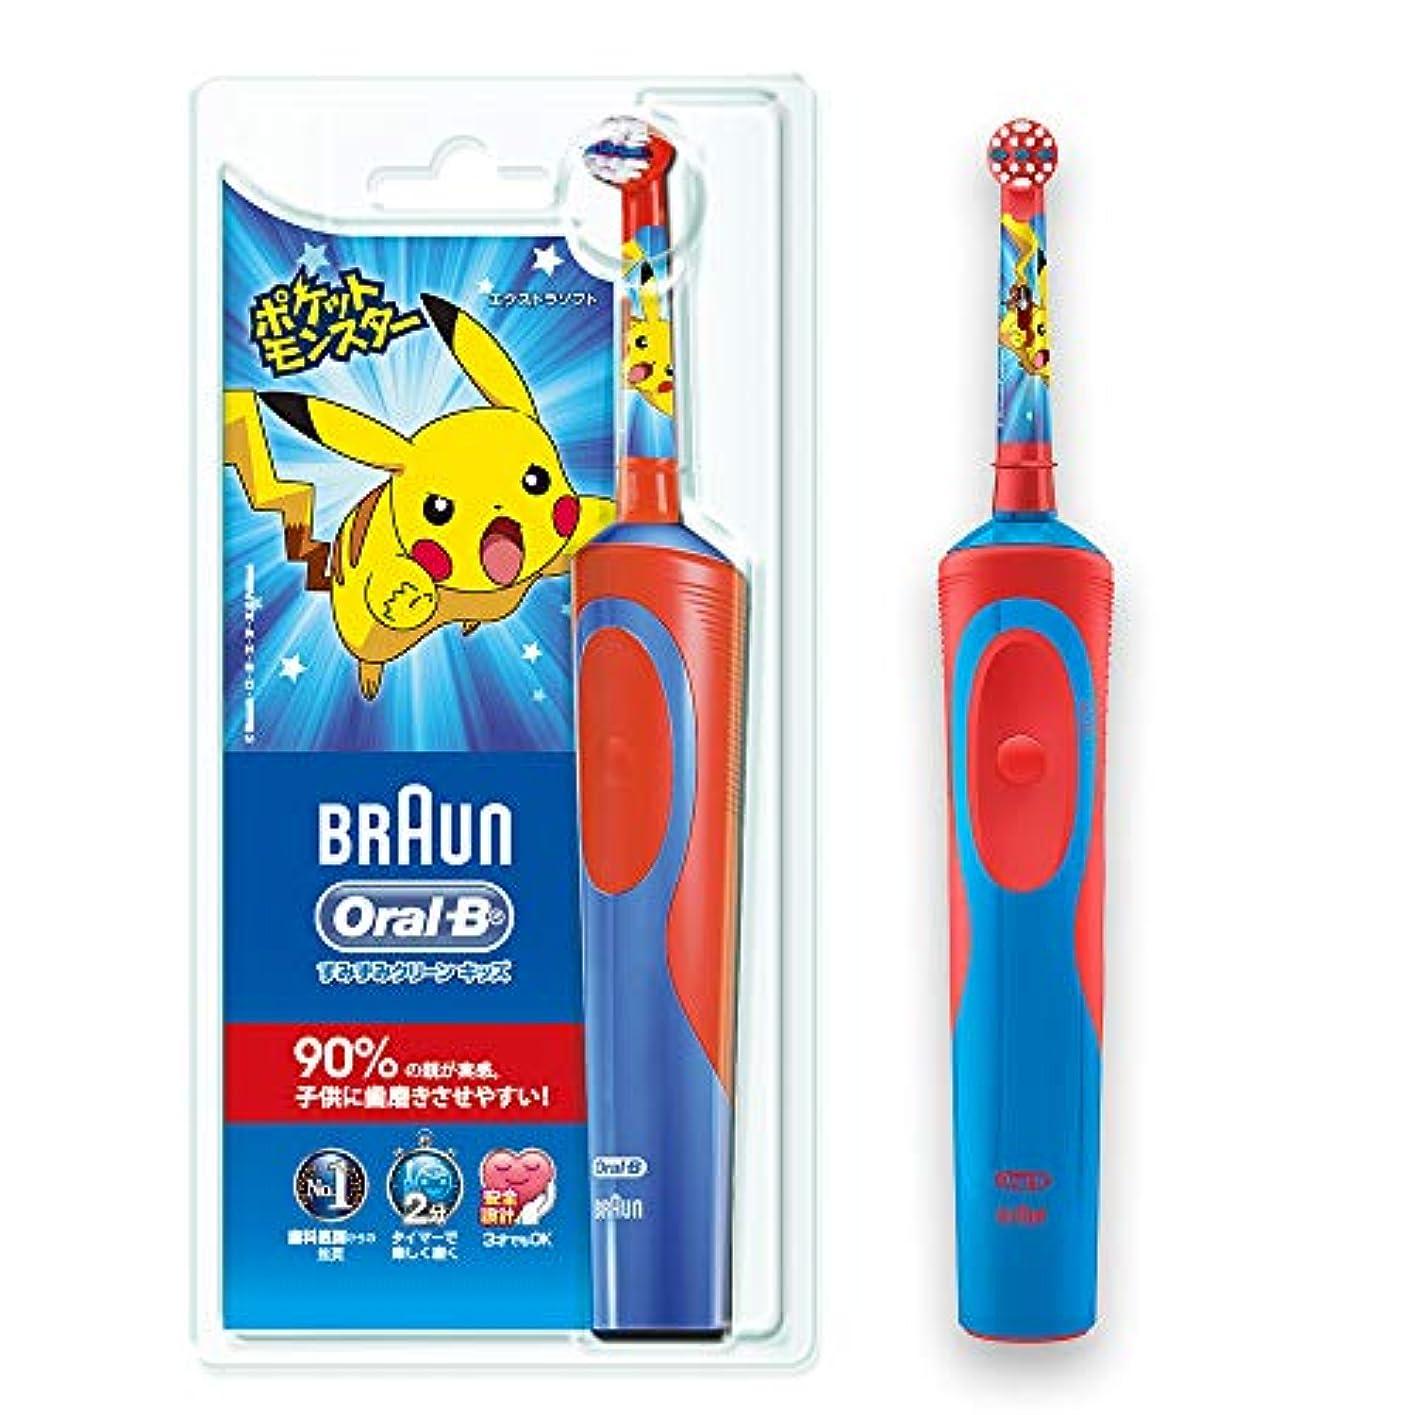 クリープヤング提案するブラウン オーラルB 電動歯ブラシ 子供用 D12513KPKMB すみずみクリーンキッズ 本体 レッド ポケモン 歯ブラシ